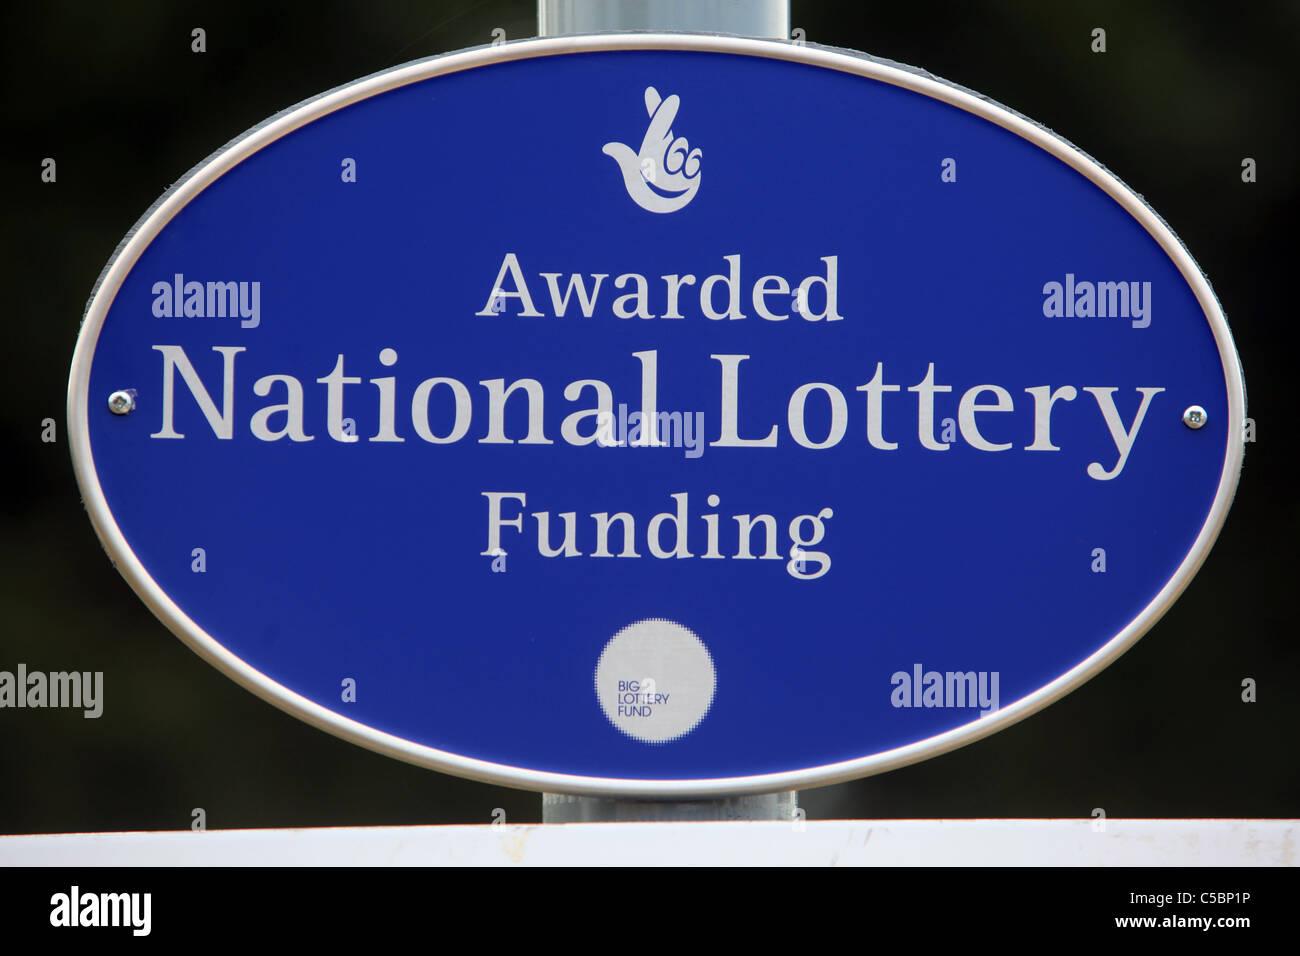 National Lottery Awarded Funding signage, UK - Stock Image